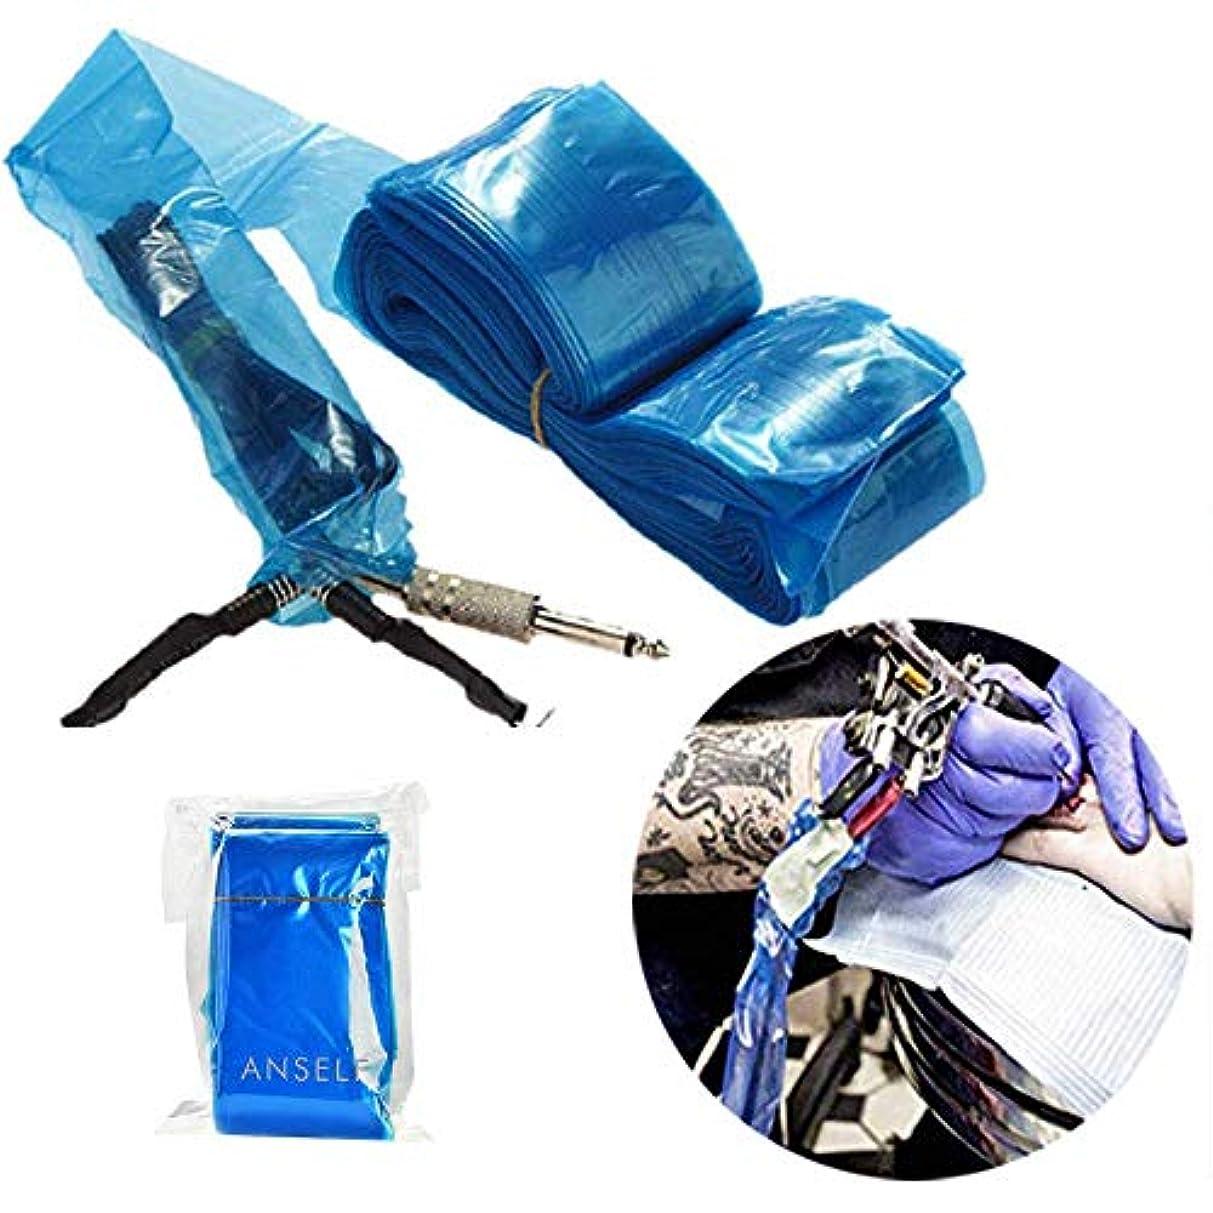 問題専門繰り返したDecdeal タトゥークリップカバー タトゥー用品 タトゥーマシンプラスチック用使い捨てカバー 100Pcs